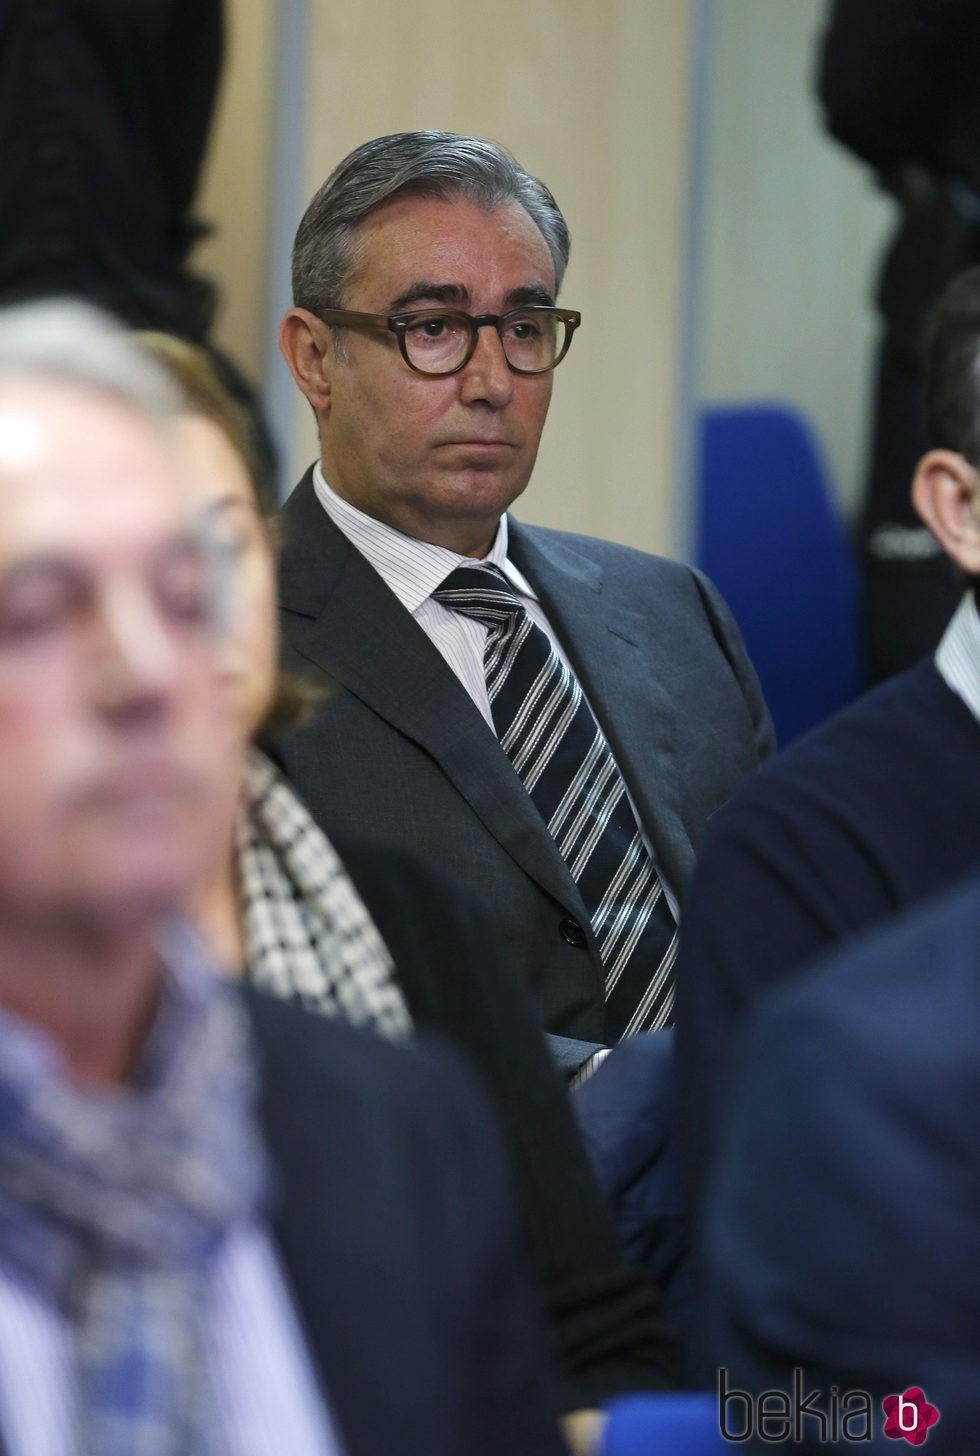 Diego Torres en el banquillo de los acusados en el juicio por el Caso Nóos